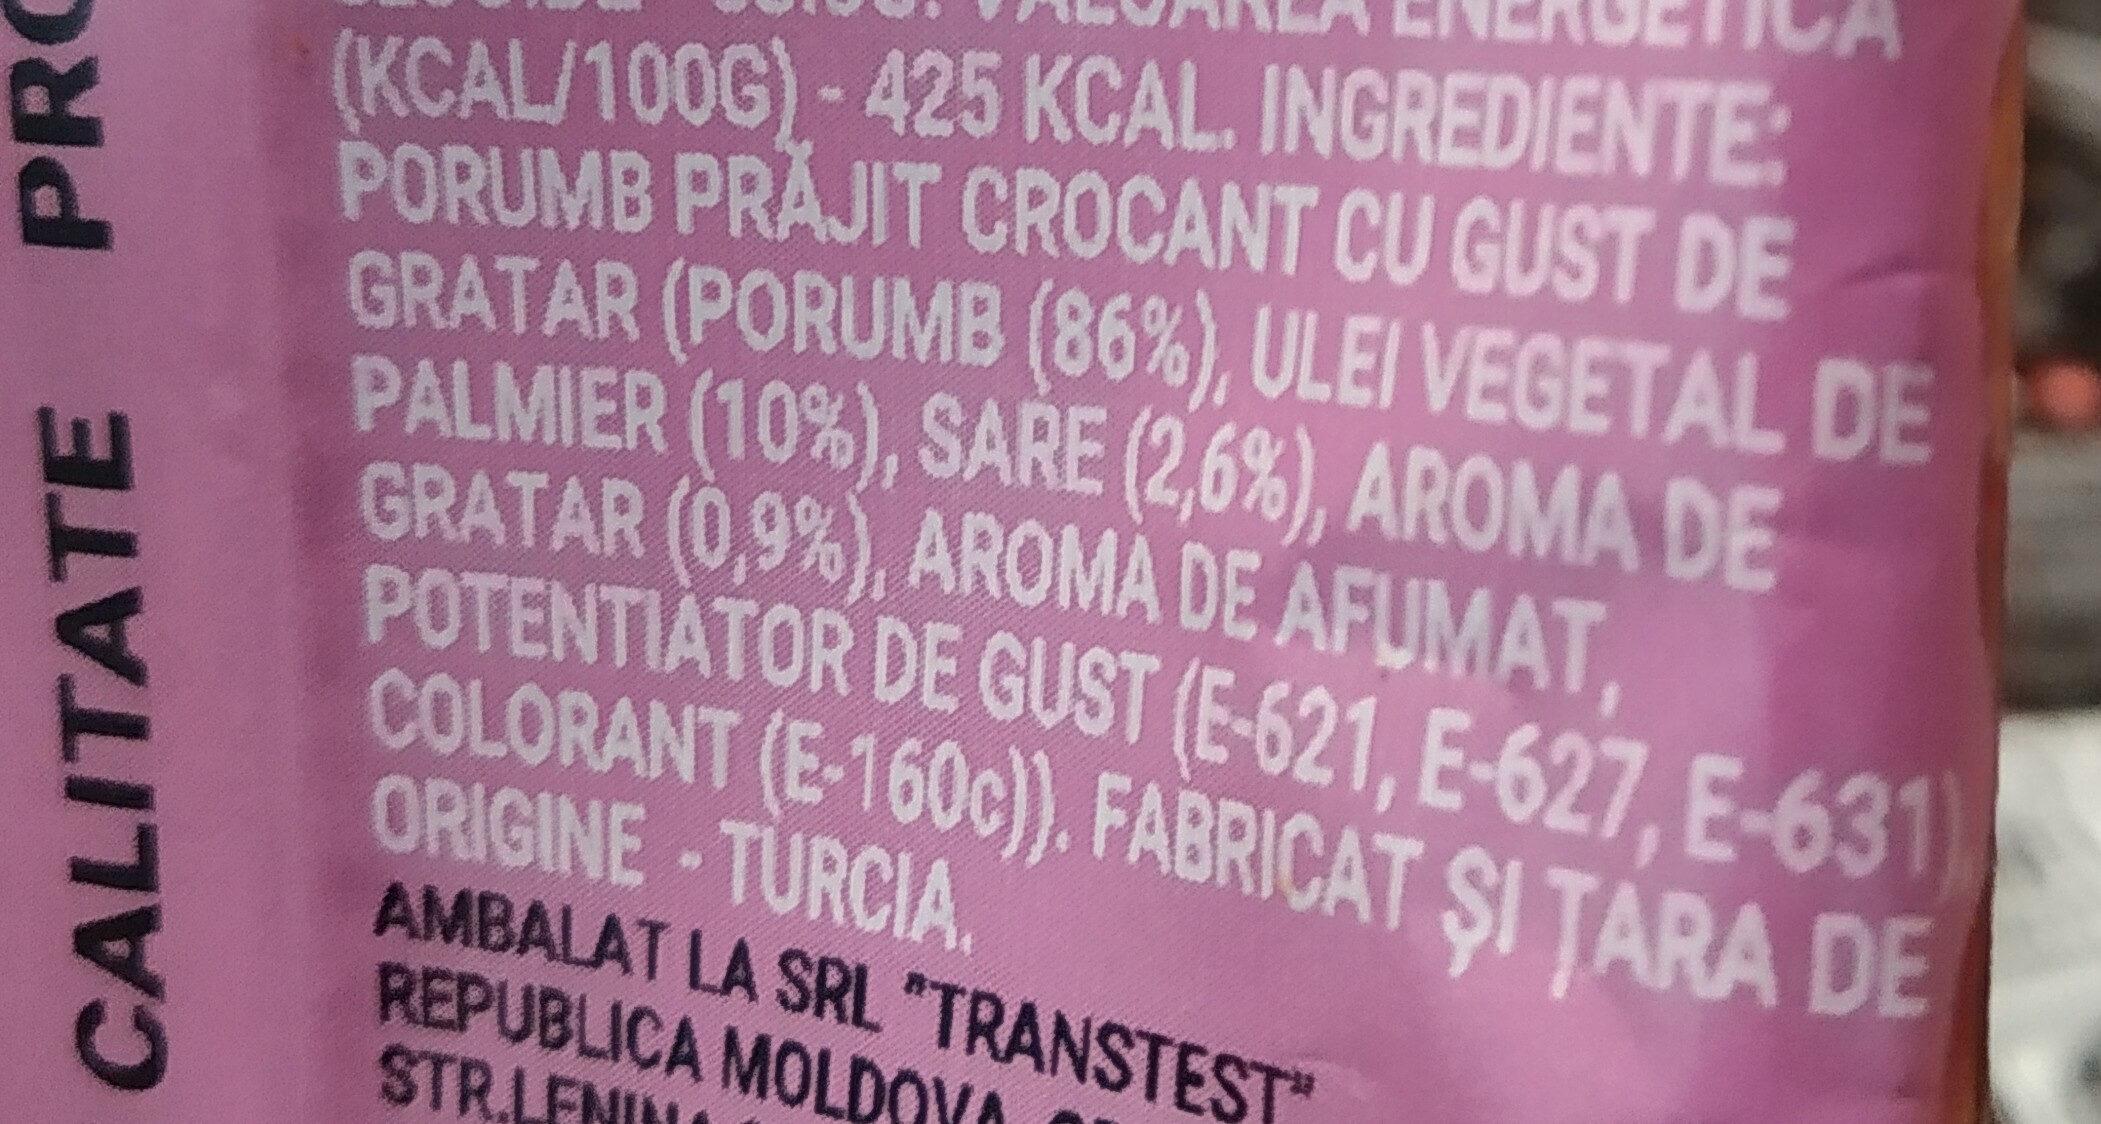 Porumb crocant prăjit - Ingredients - ro